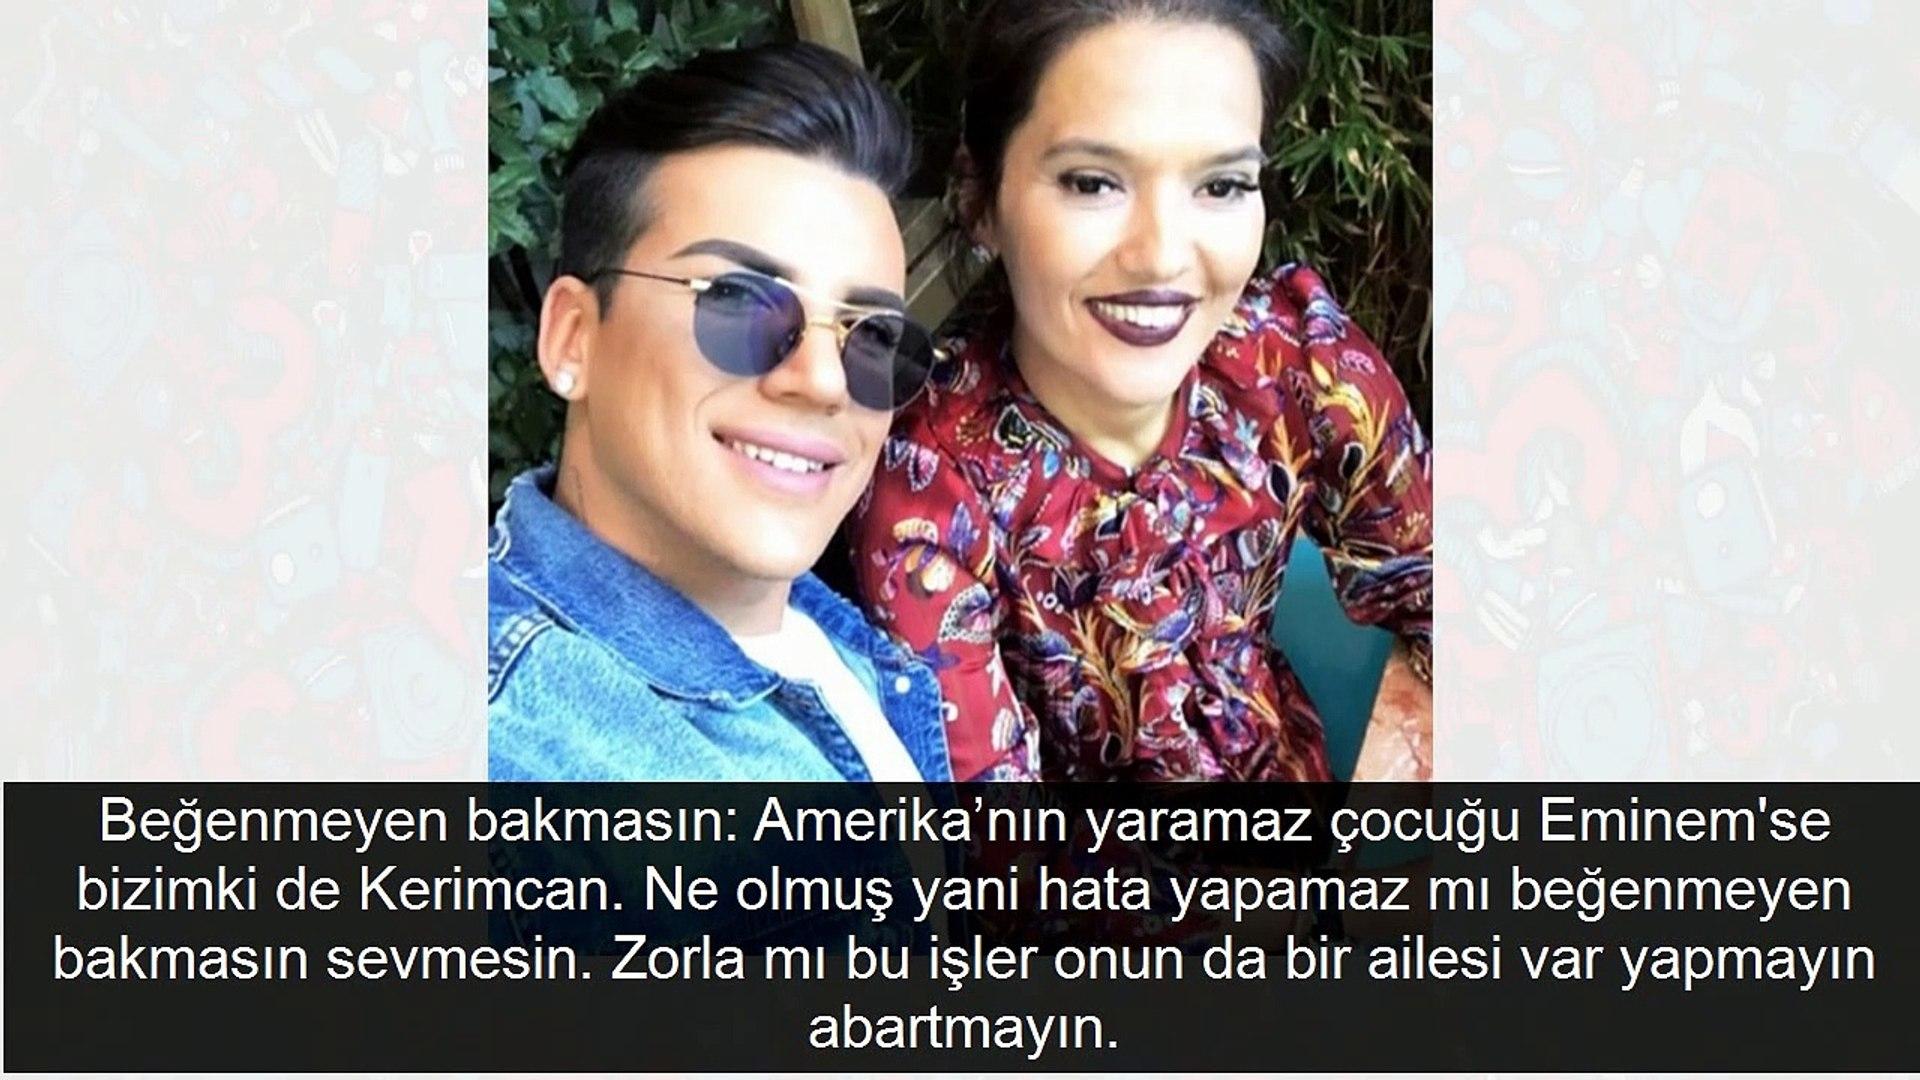 Kerimcan Durmaz'ın uçak videosuna skandal destek! Erkek adamın malı...